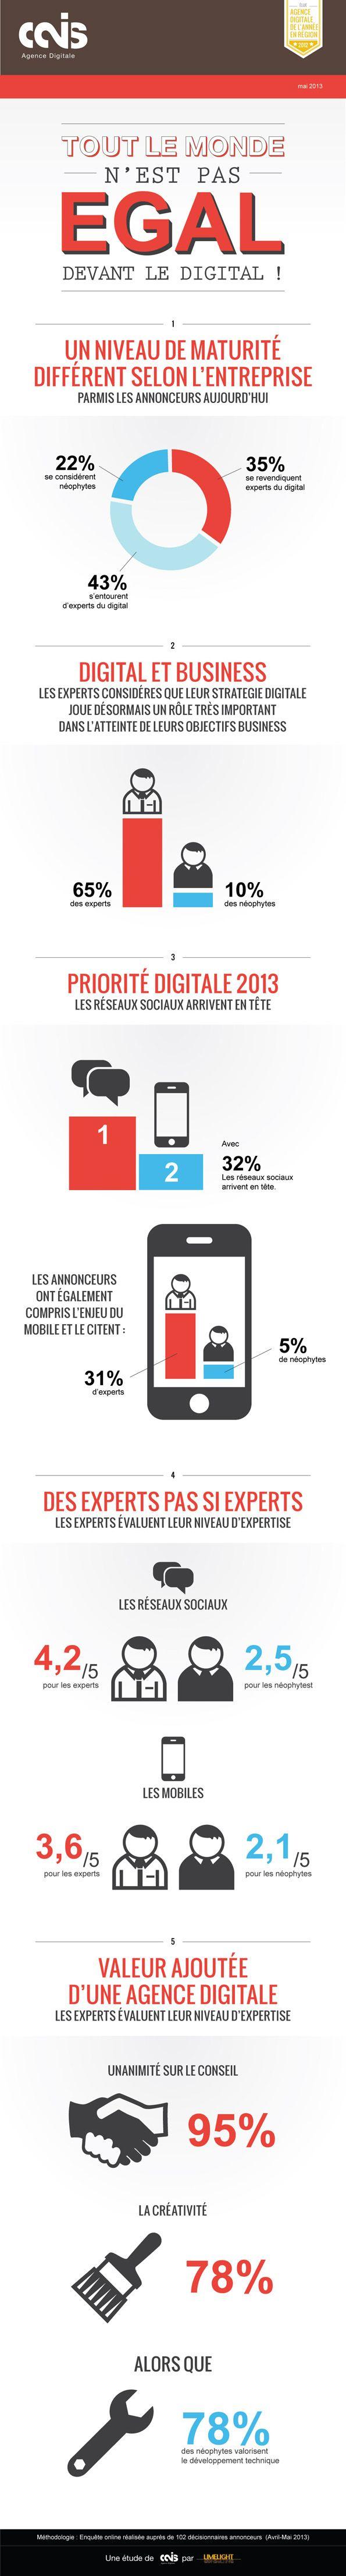 Infographie : 35% des annonceurs se considèrent comme experts du digital